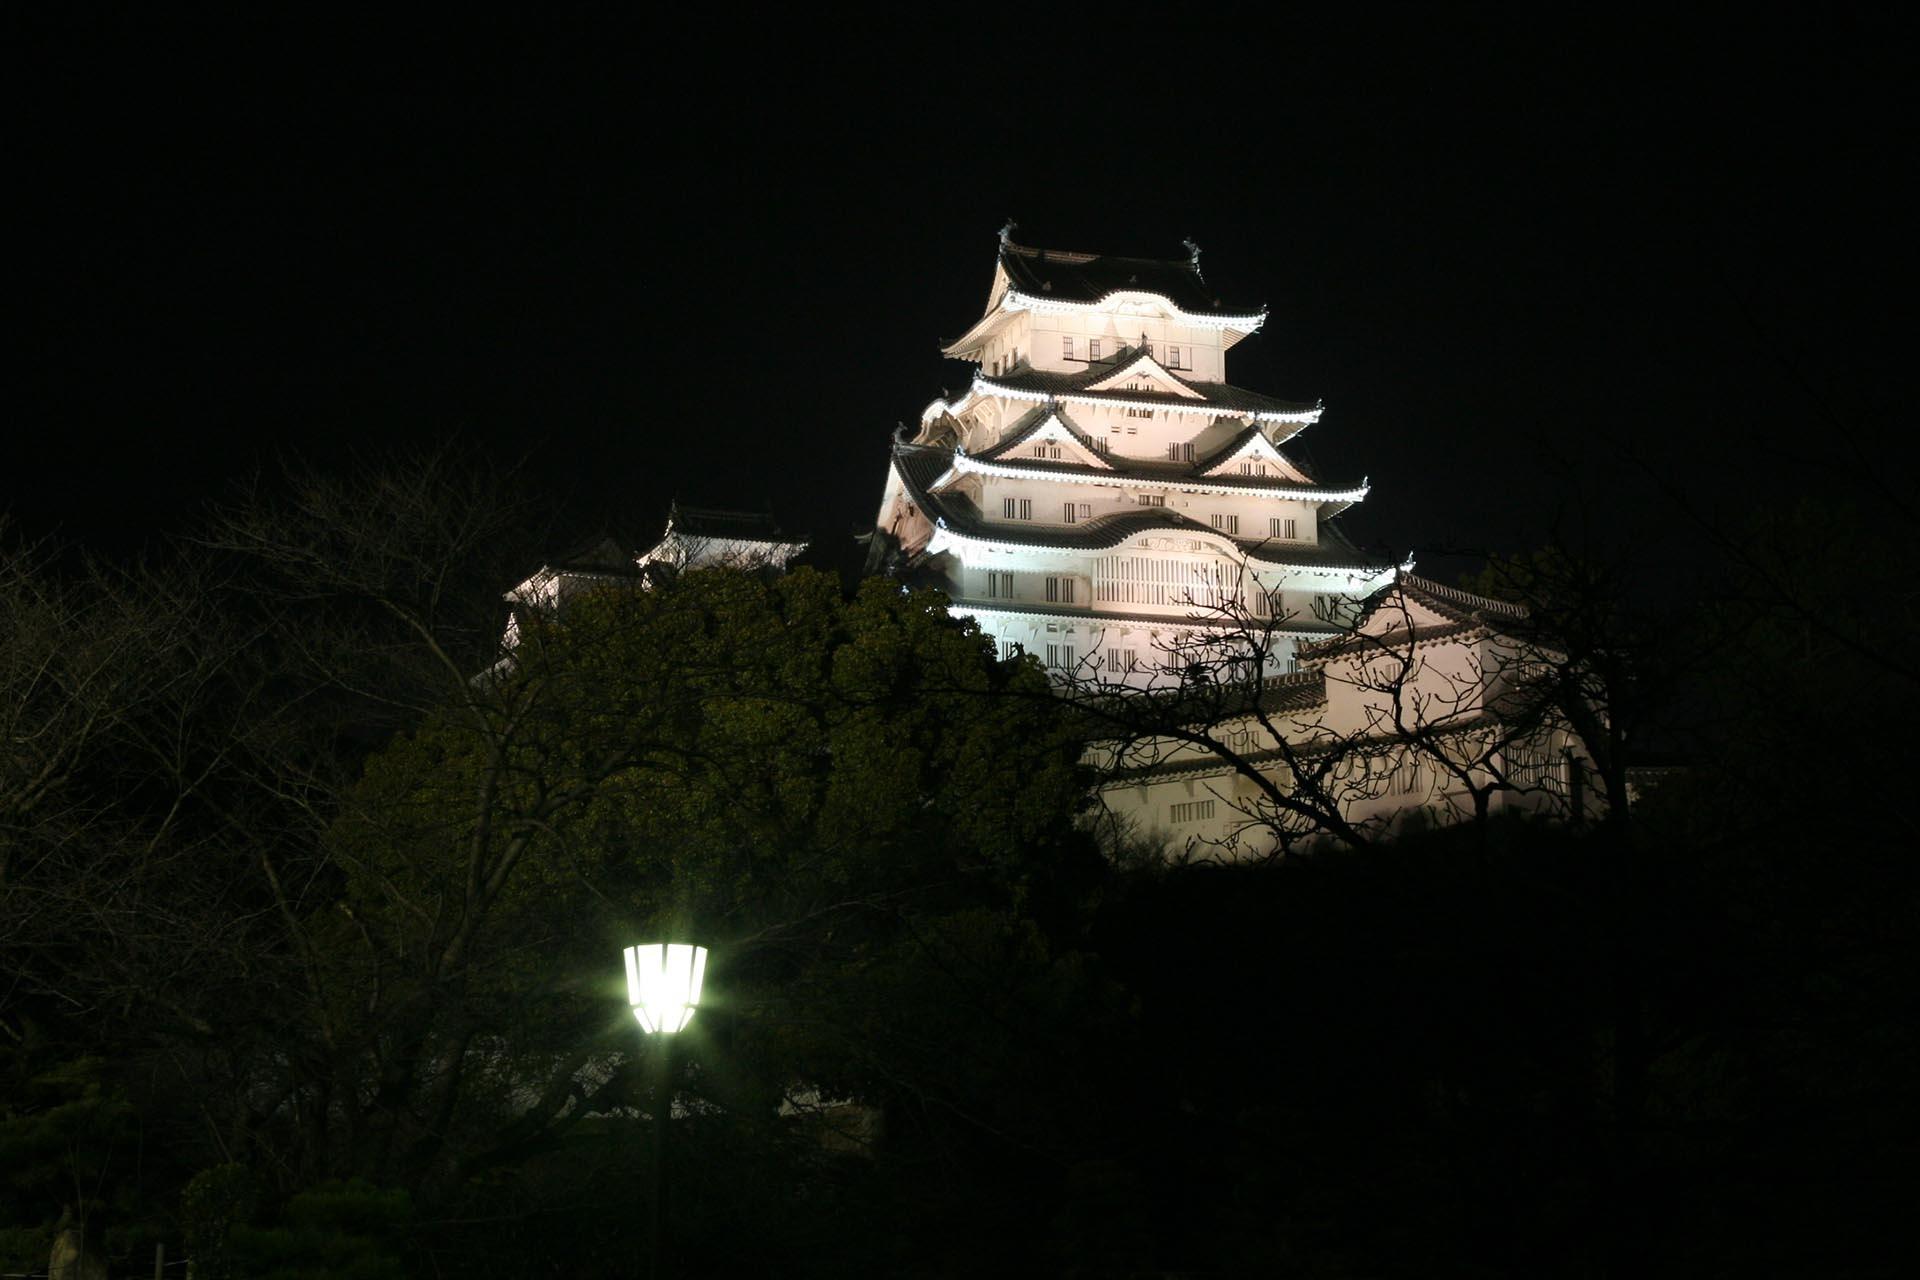 夜の姫路城 兵庫の風景